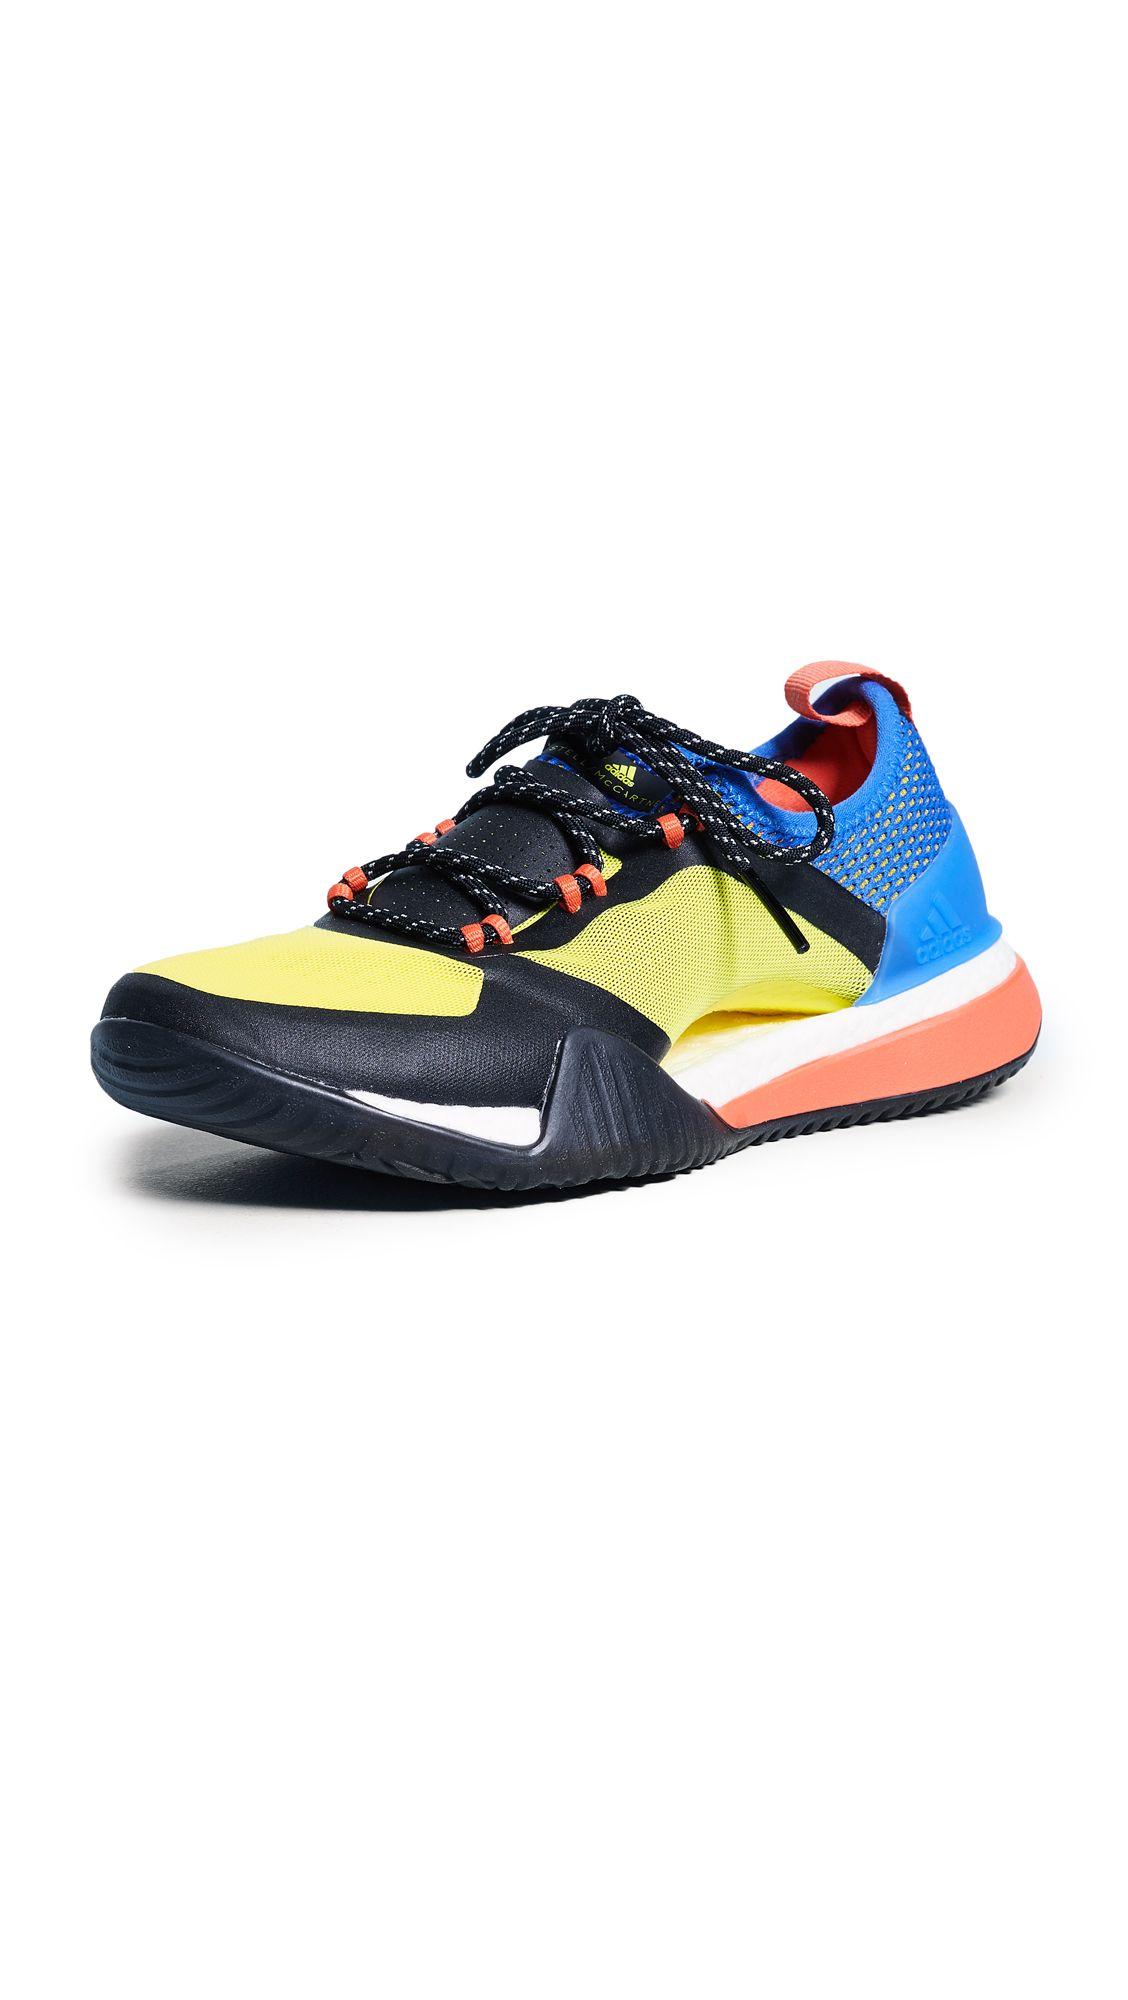 db8d15c3dcebd ADIDAS BY STELLA MCCARTNEY PUREBOOST X TR 3.0 SNEAKERS.   adidasbystellamccartney  shoes